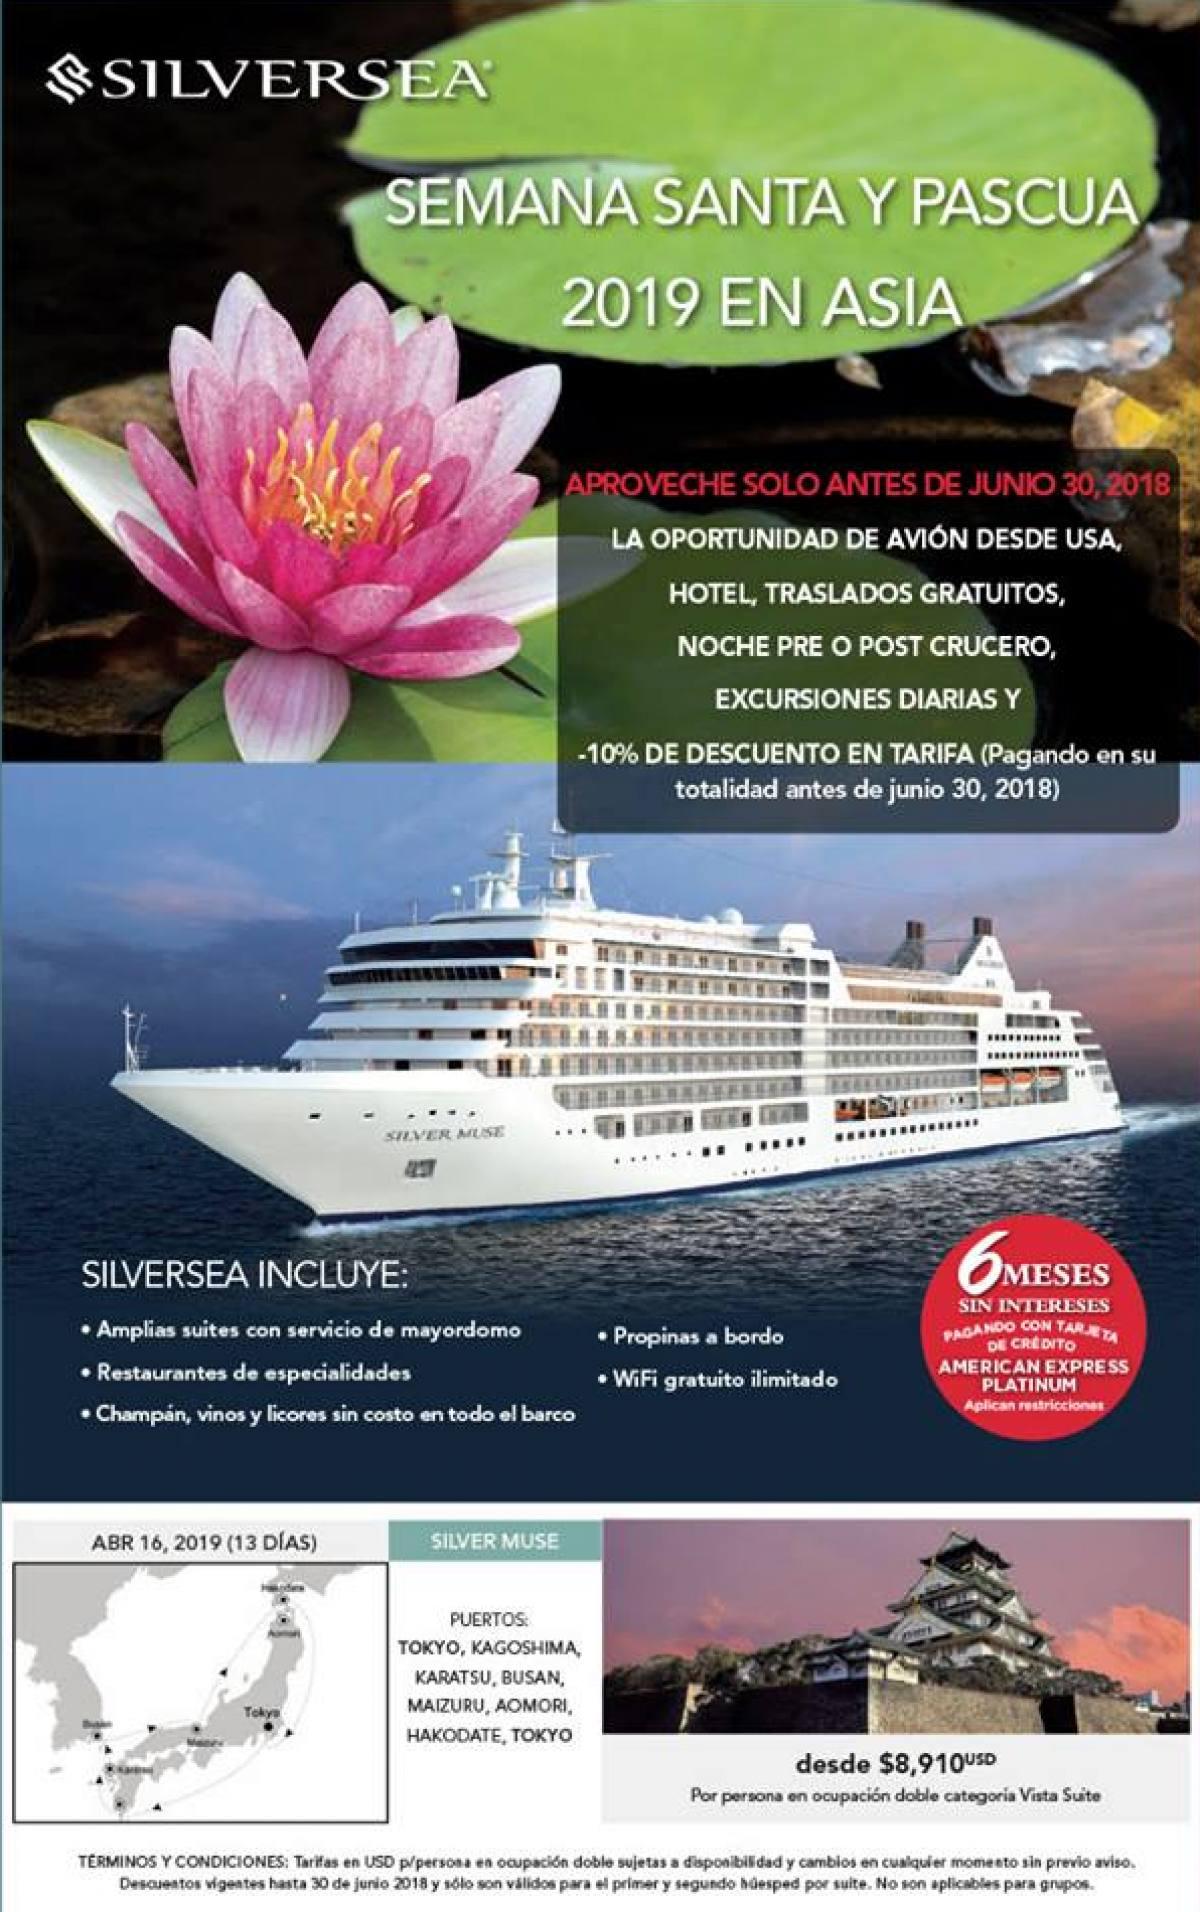 Silversea Crucero por Japón Semana Santa 2019